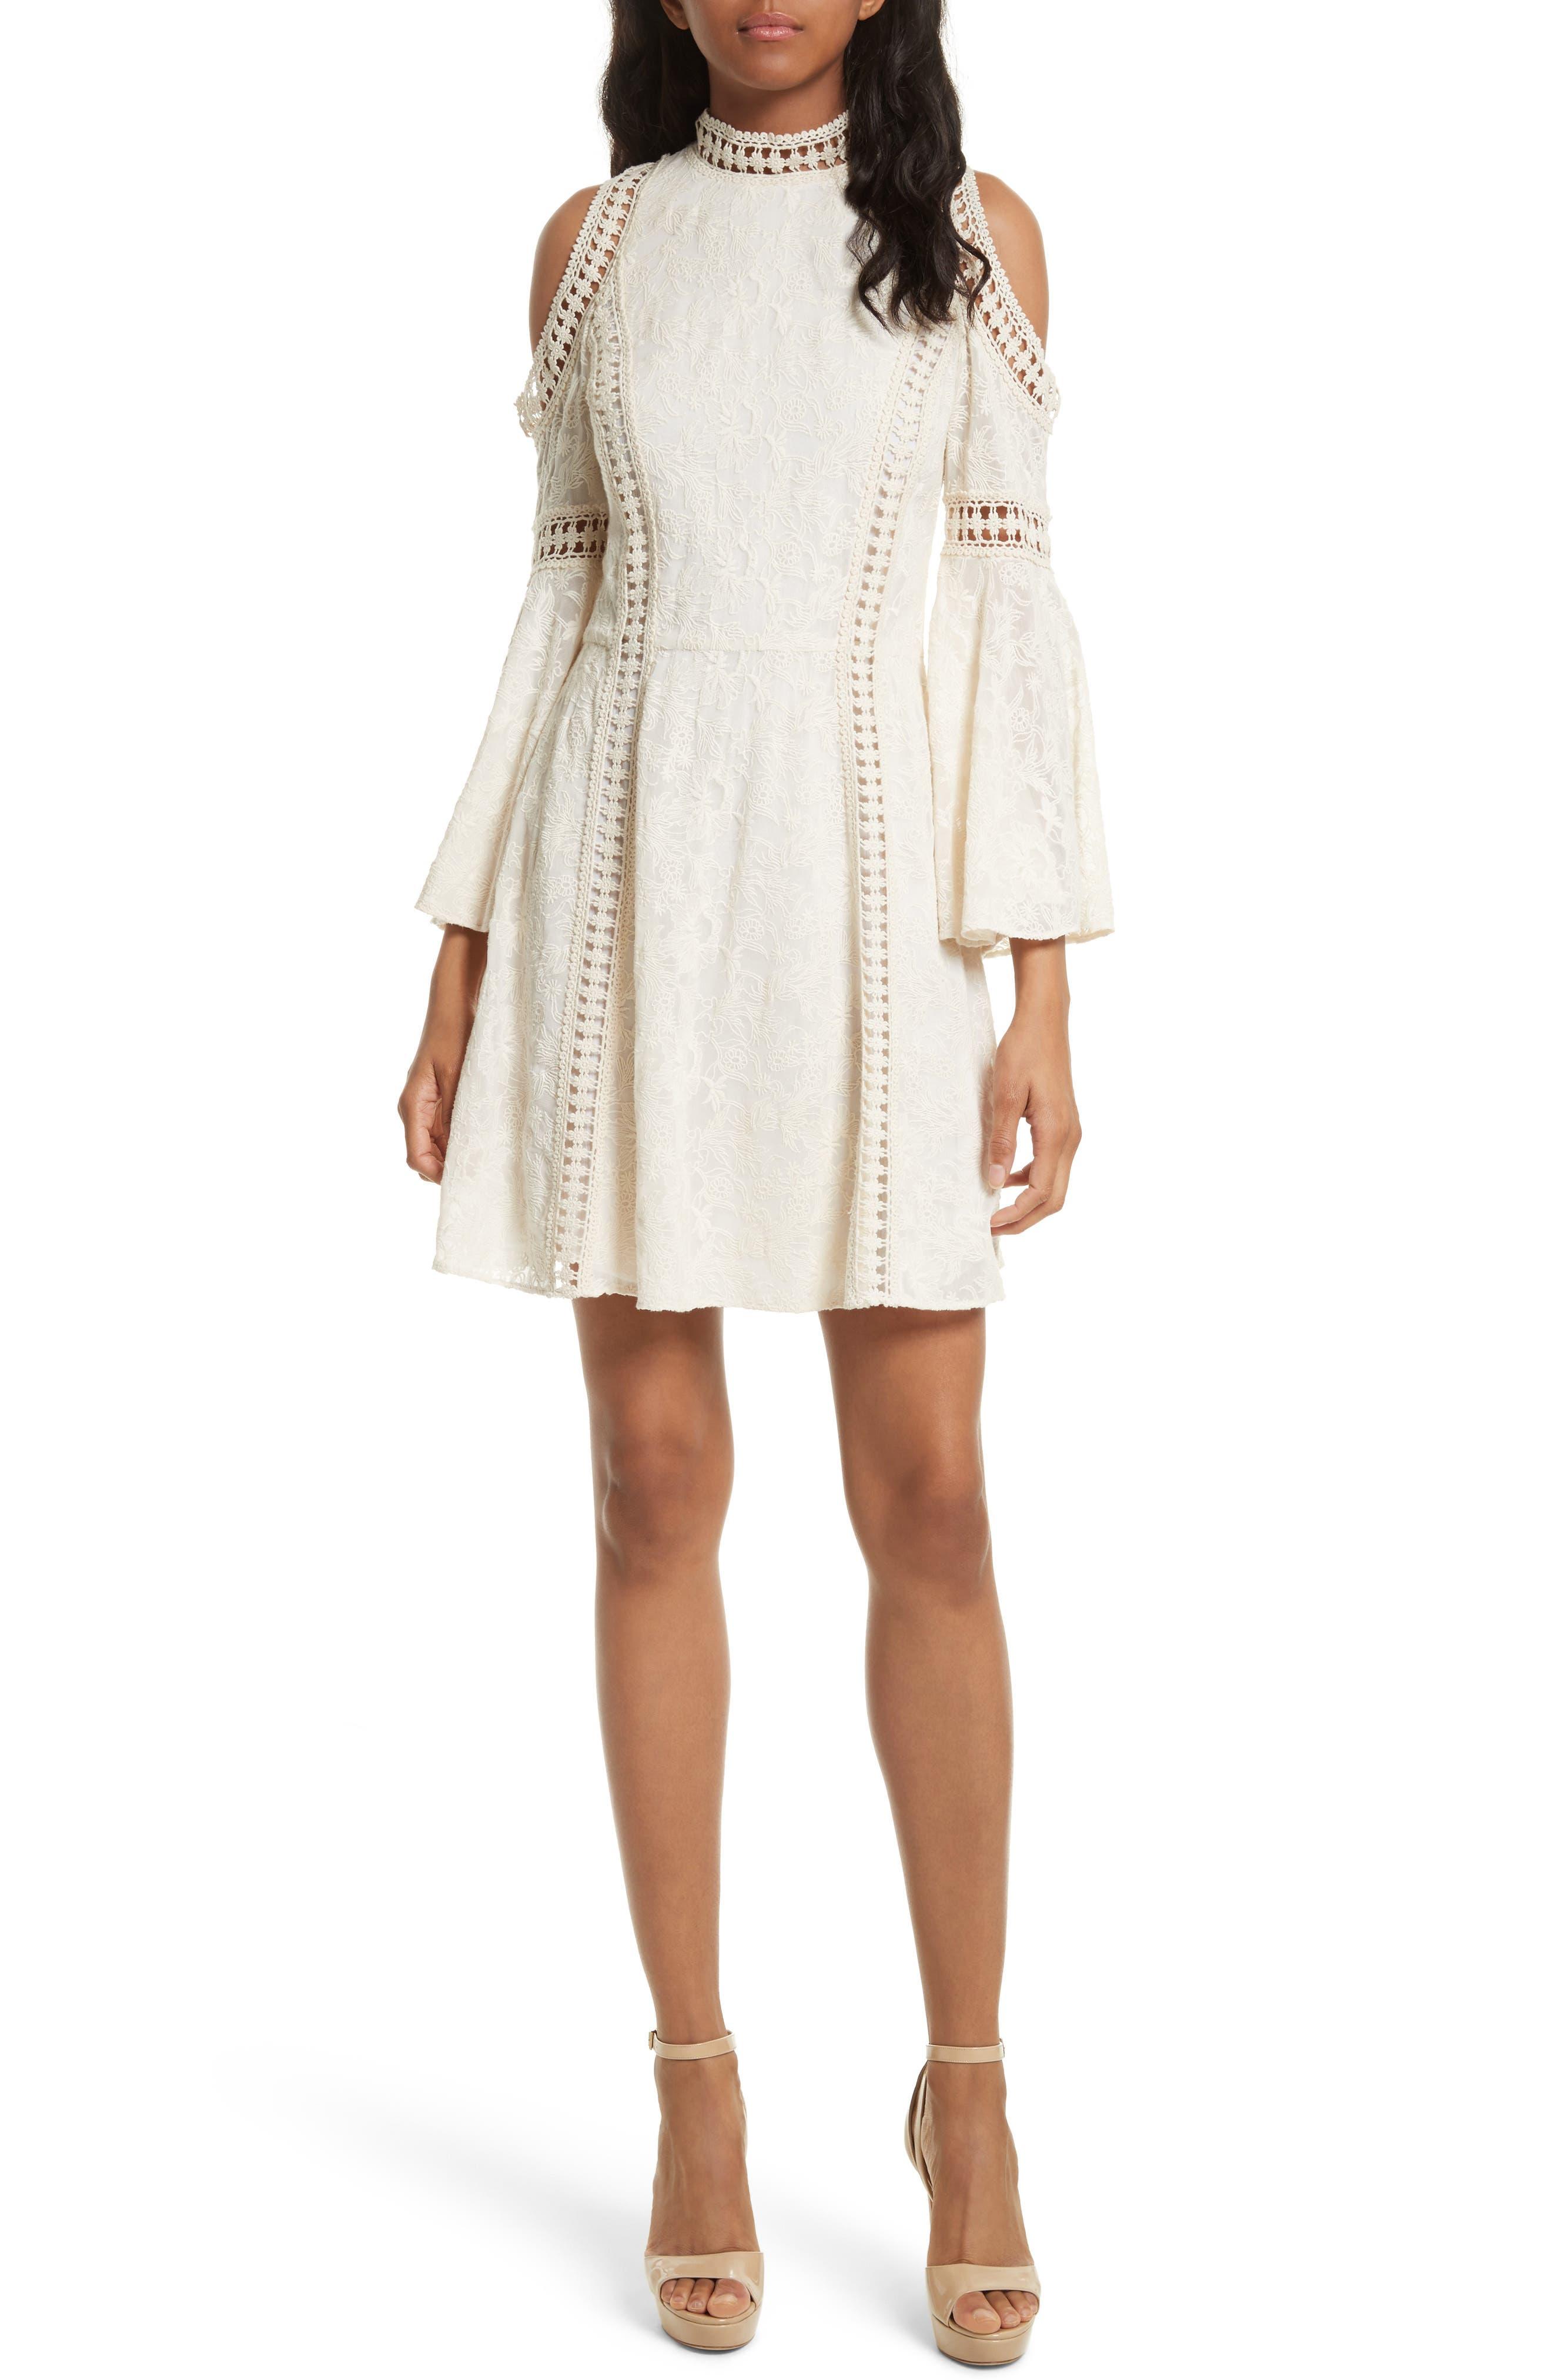 Alternate Image 1 Selected - Alice + Olivia Enya Embroidered Cold Shoulder Dress